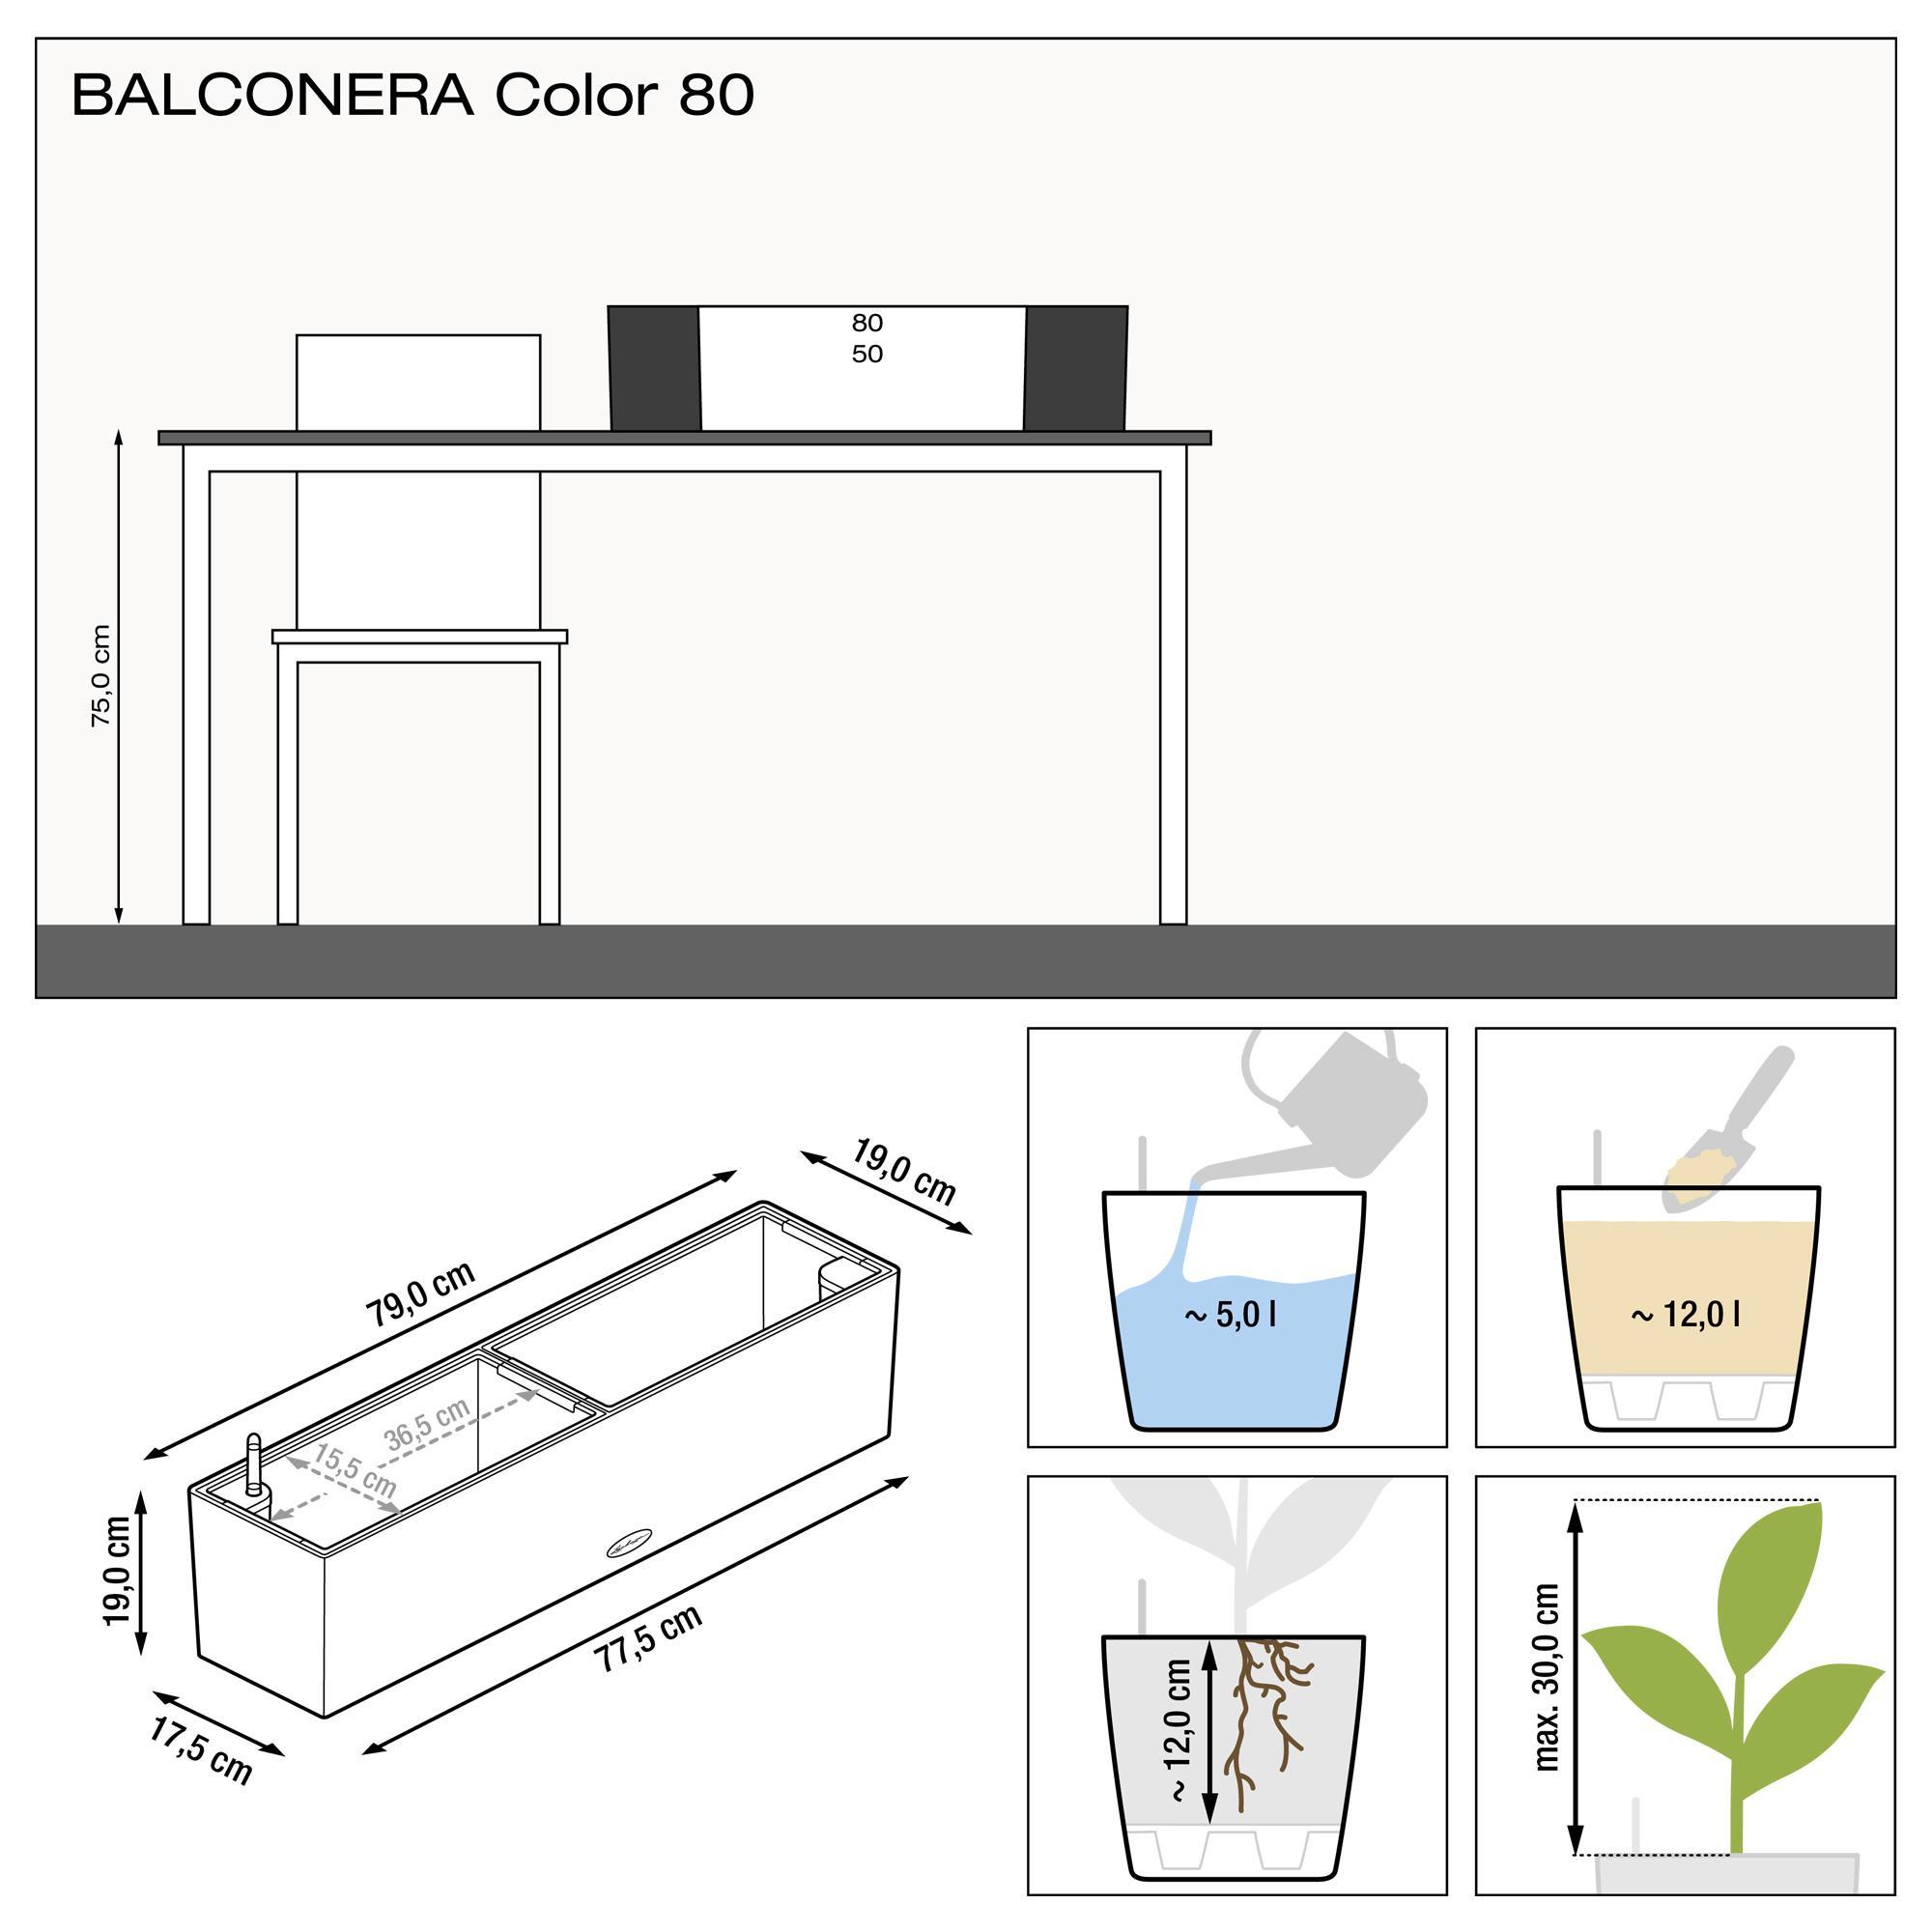 le_balconera-color80_product_addi_nz